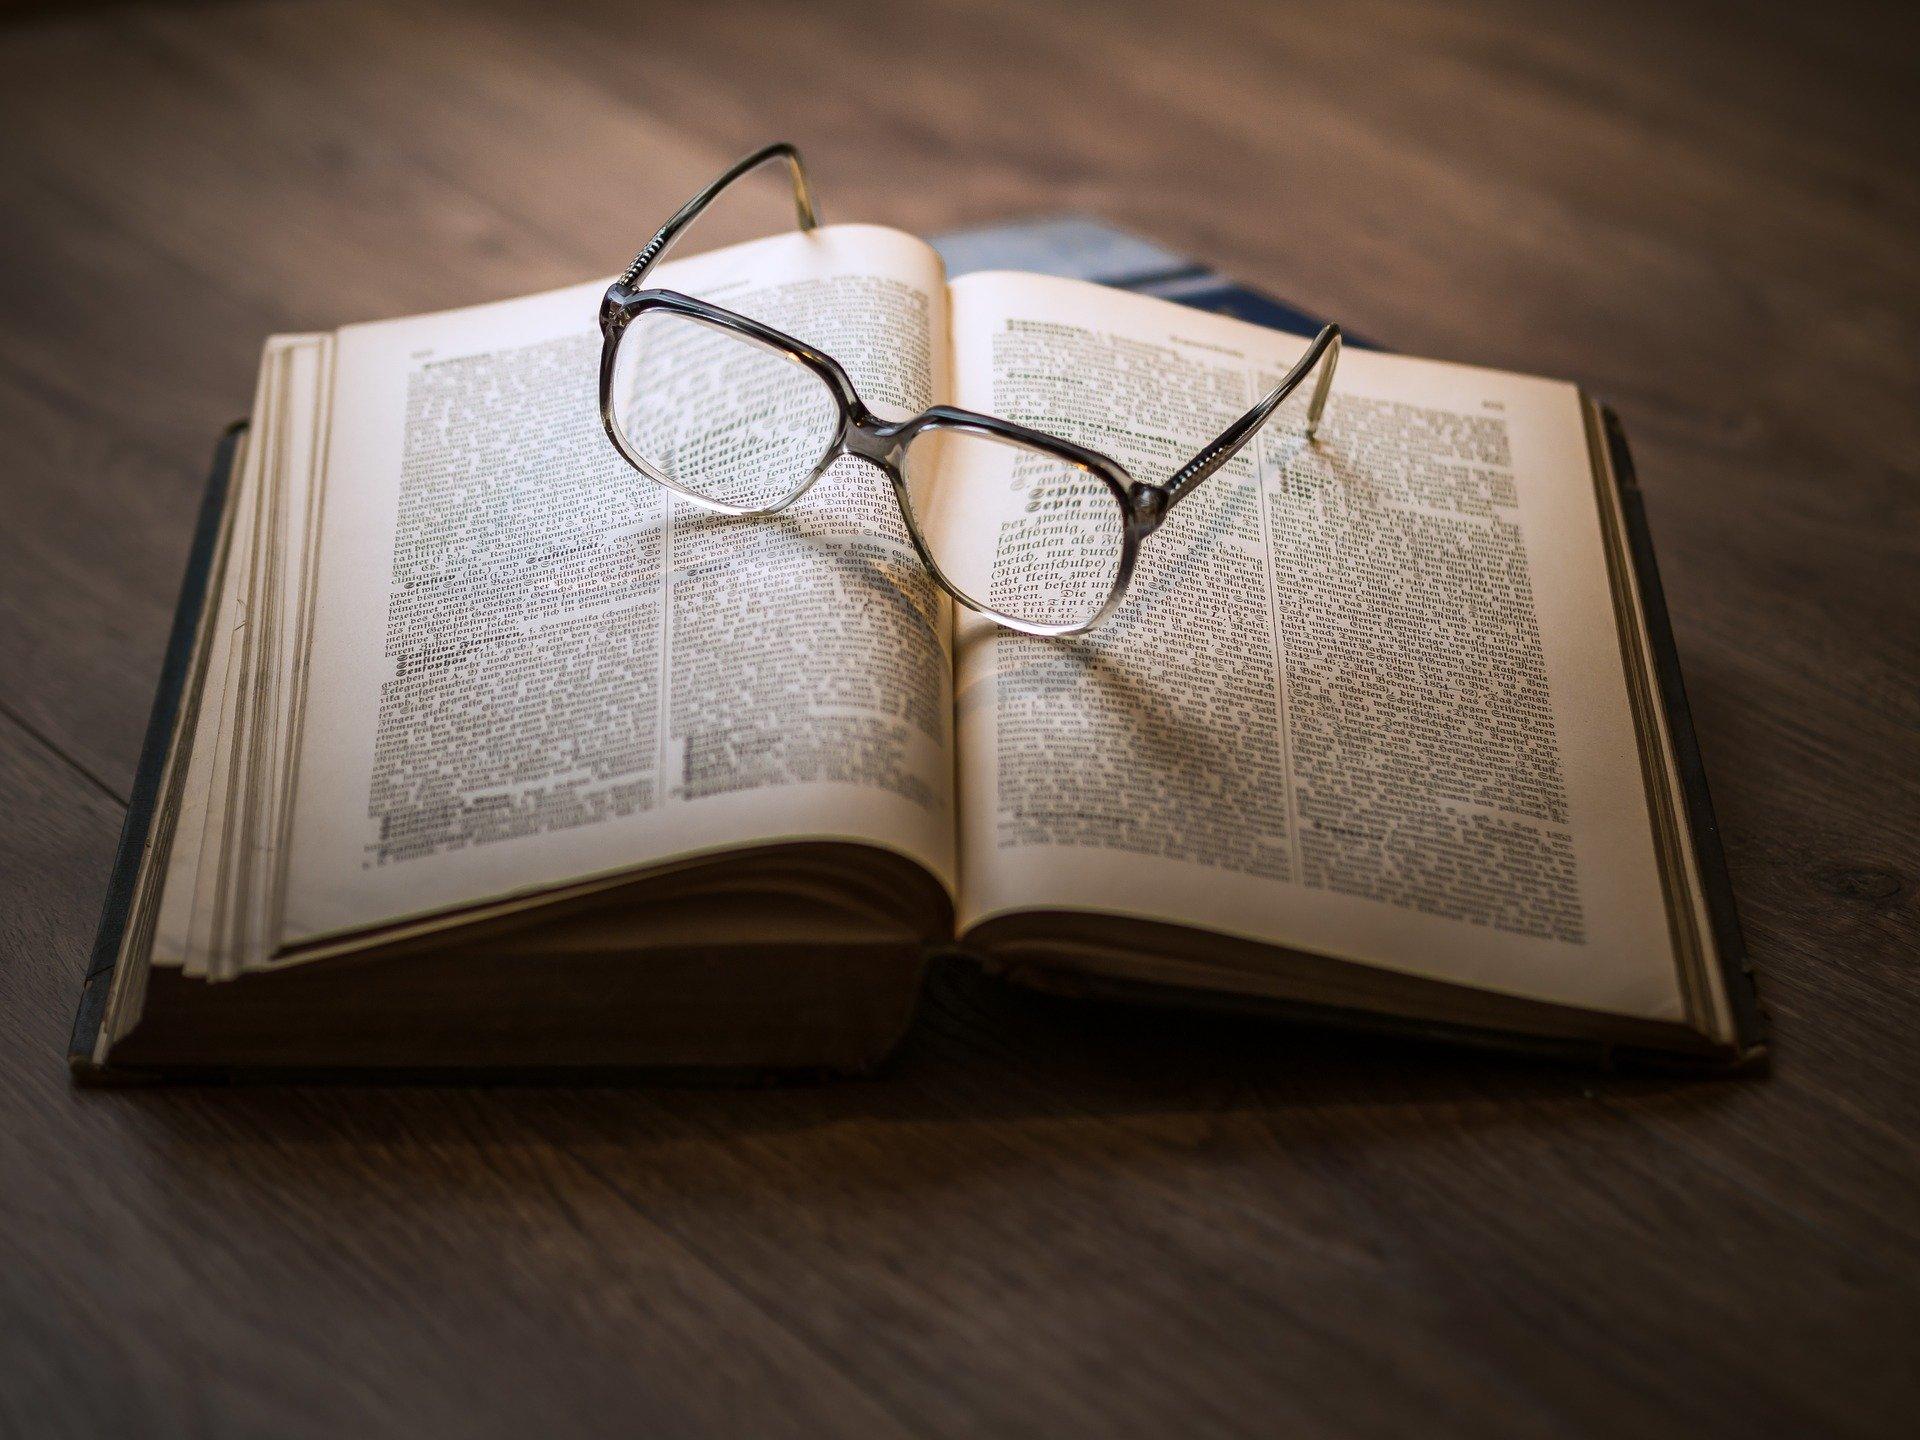 【読んで良かった】自己啓発本を5冊厳選!